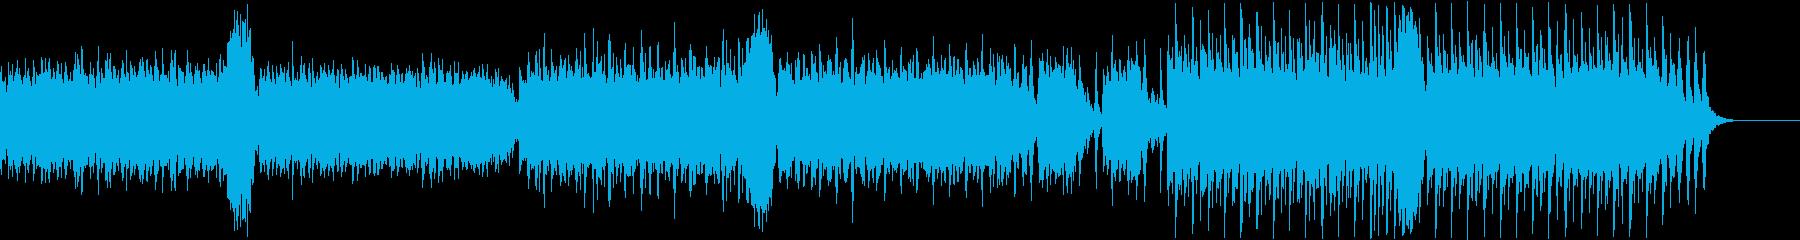 コミカルでかわいいお化けのハロウィン曲の再生済みの波形